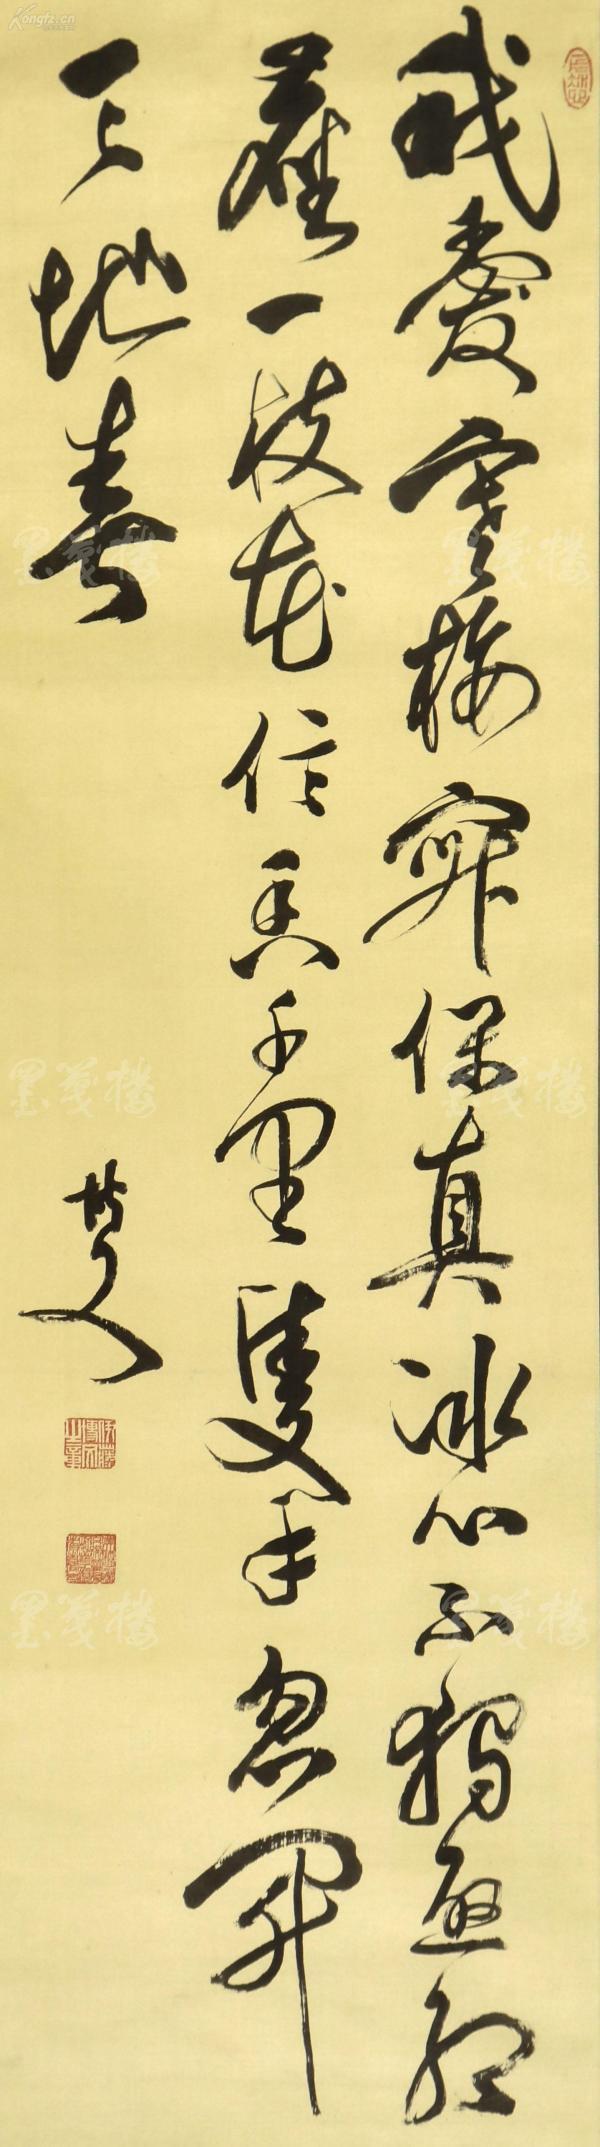 日本近代著名政治家、日本首任内阁总理大臣 伊藤博文 书法作品一幅附原装桐木盒(绢本立轴,画芯约5.3平尺,钤印:伊藤博文之章等) HXTX99821